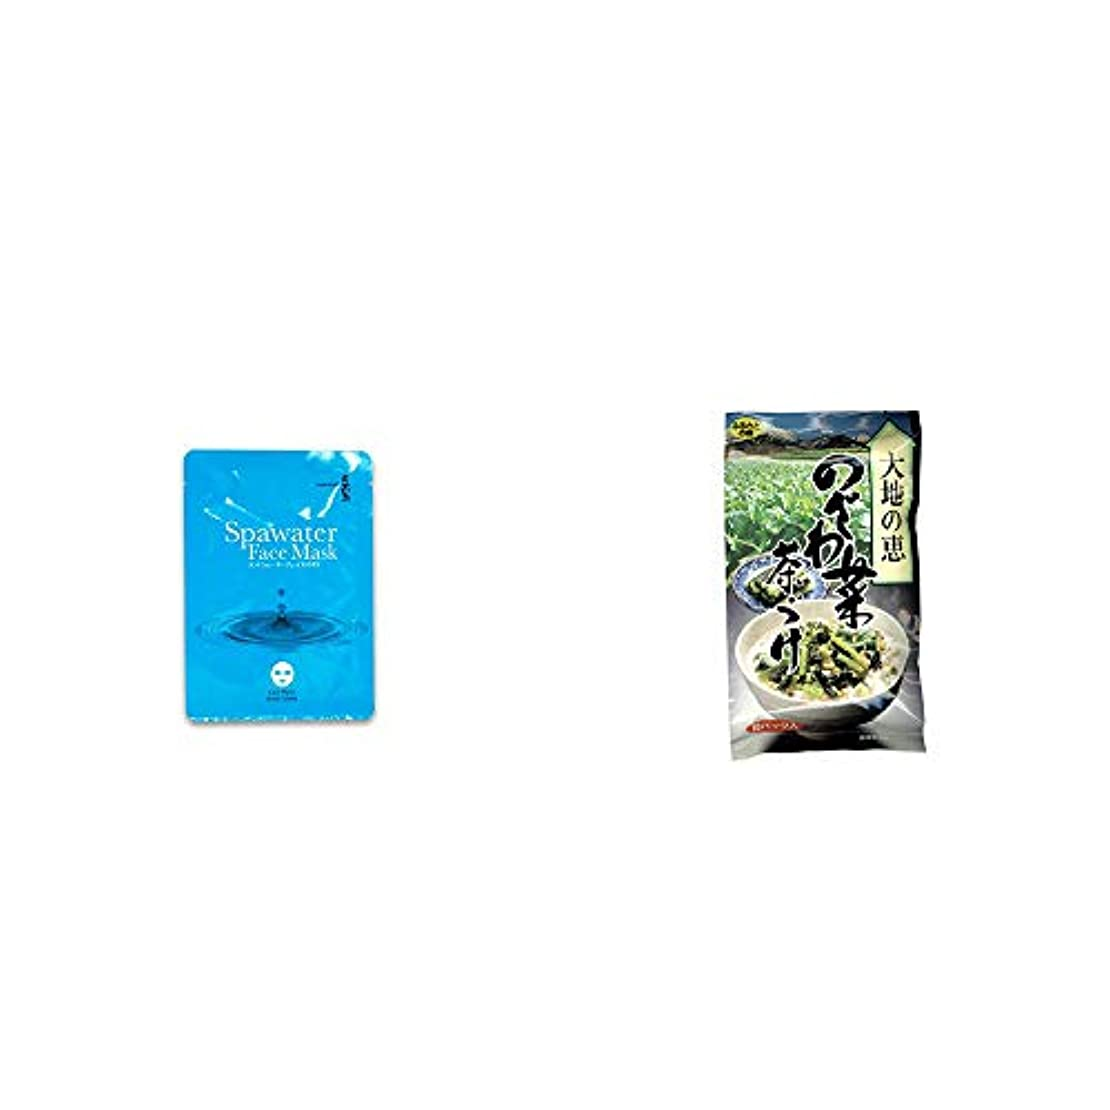 リーンのどプライム[2点セット] ひのき炭黒泉 スパウォーターフェイスマスク(18ml×3枚入)・特選茶漬け 大地の恵 のざわ菜茶づけ(10袋入)